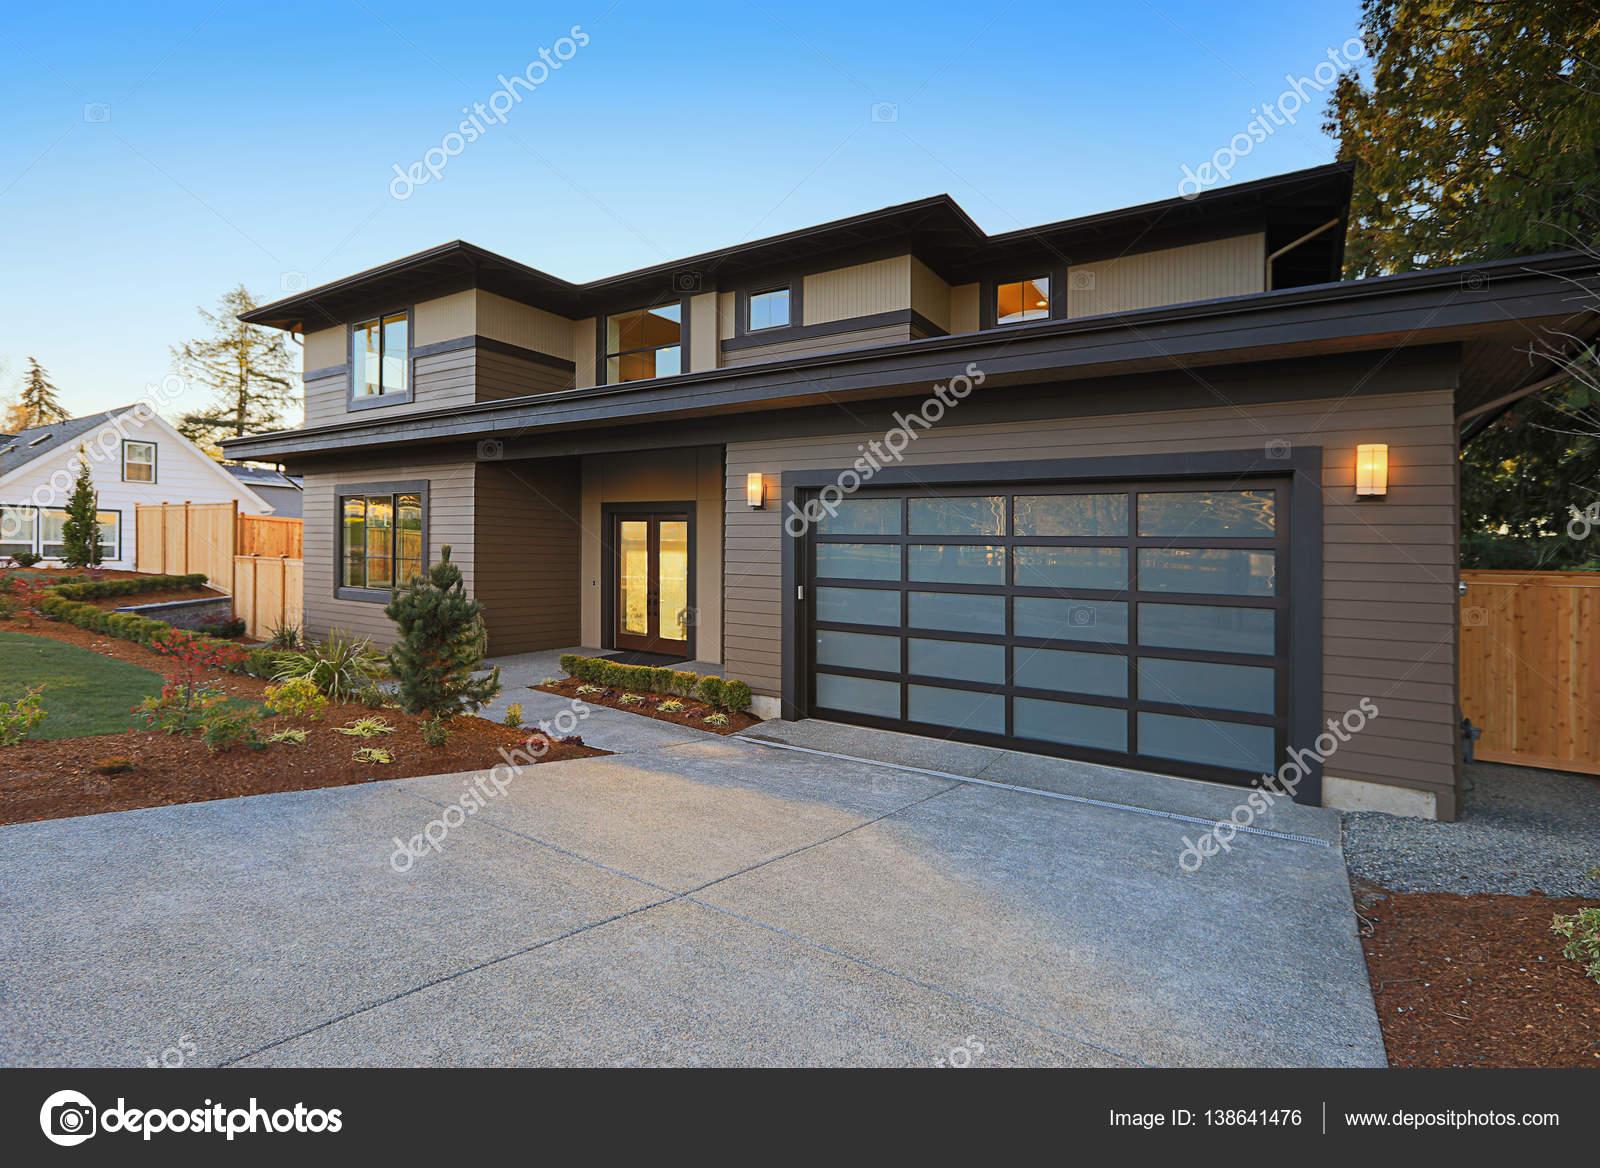 Nouvelle construction de maison avec toit en pente douce et bardage brun photographie - Maison avec toit une pente ...